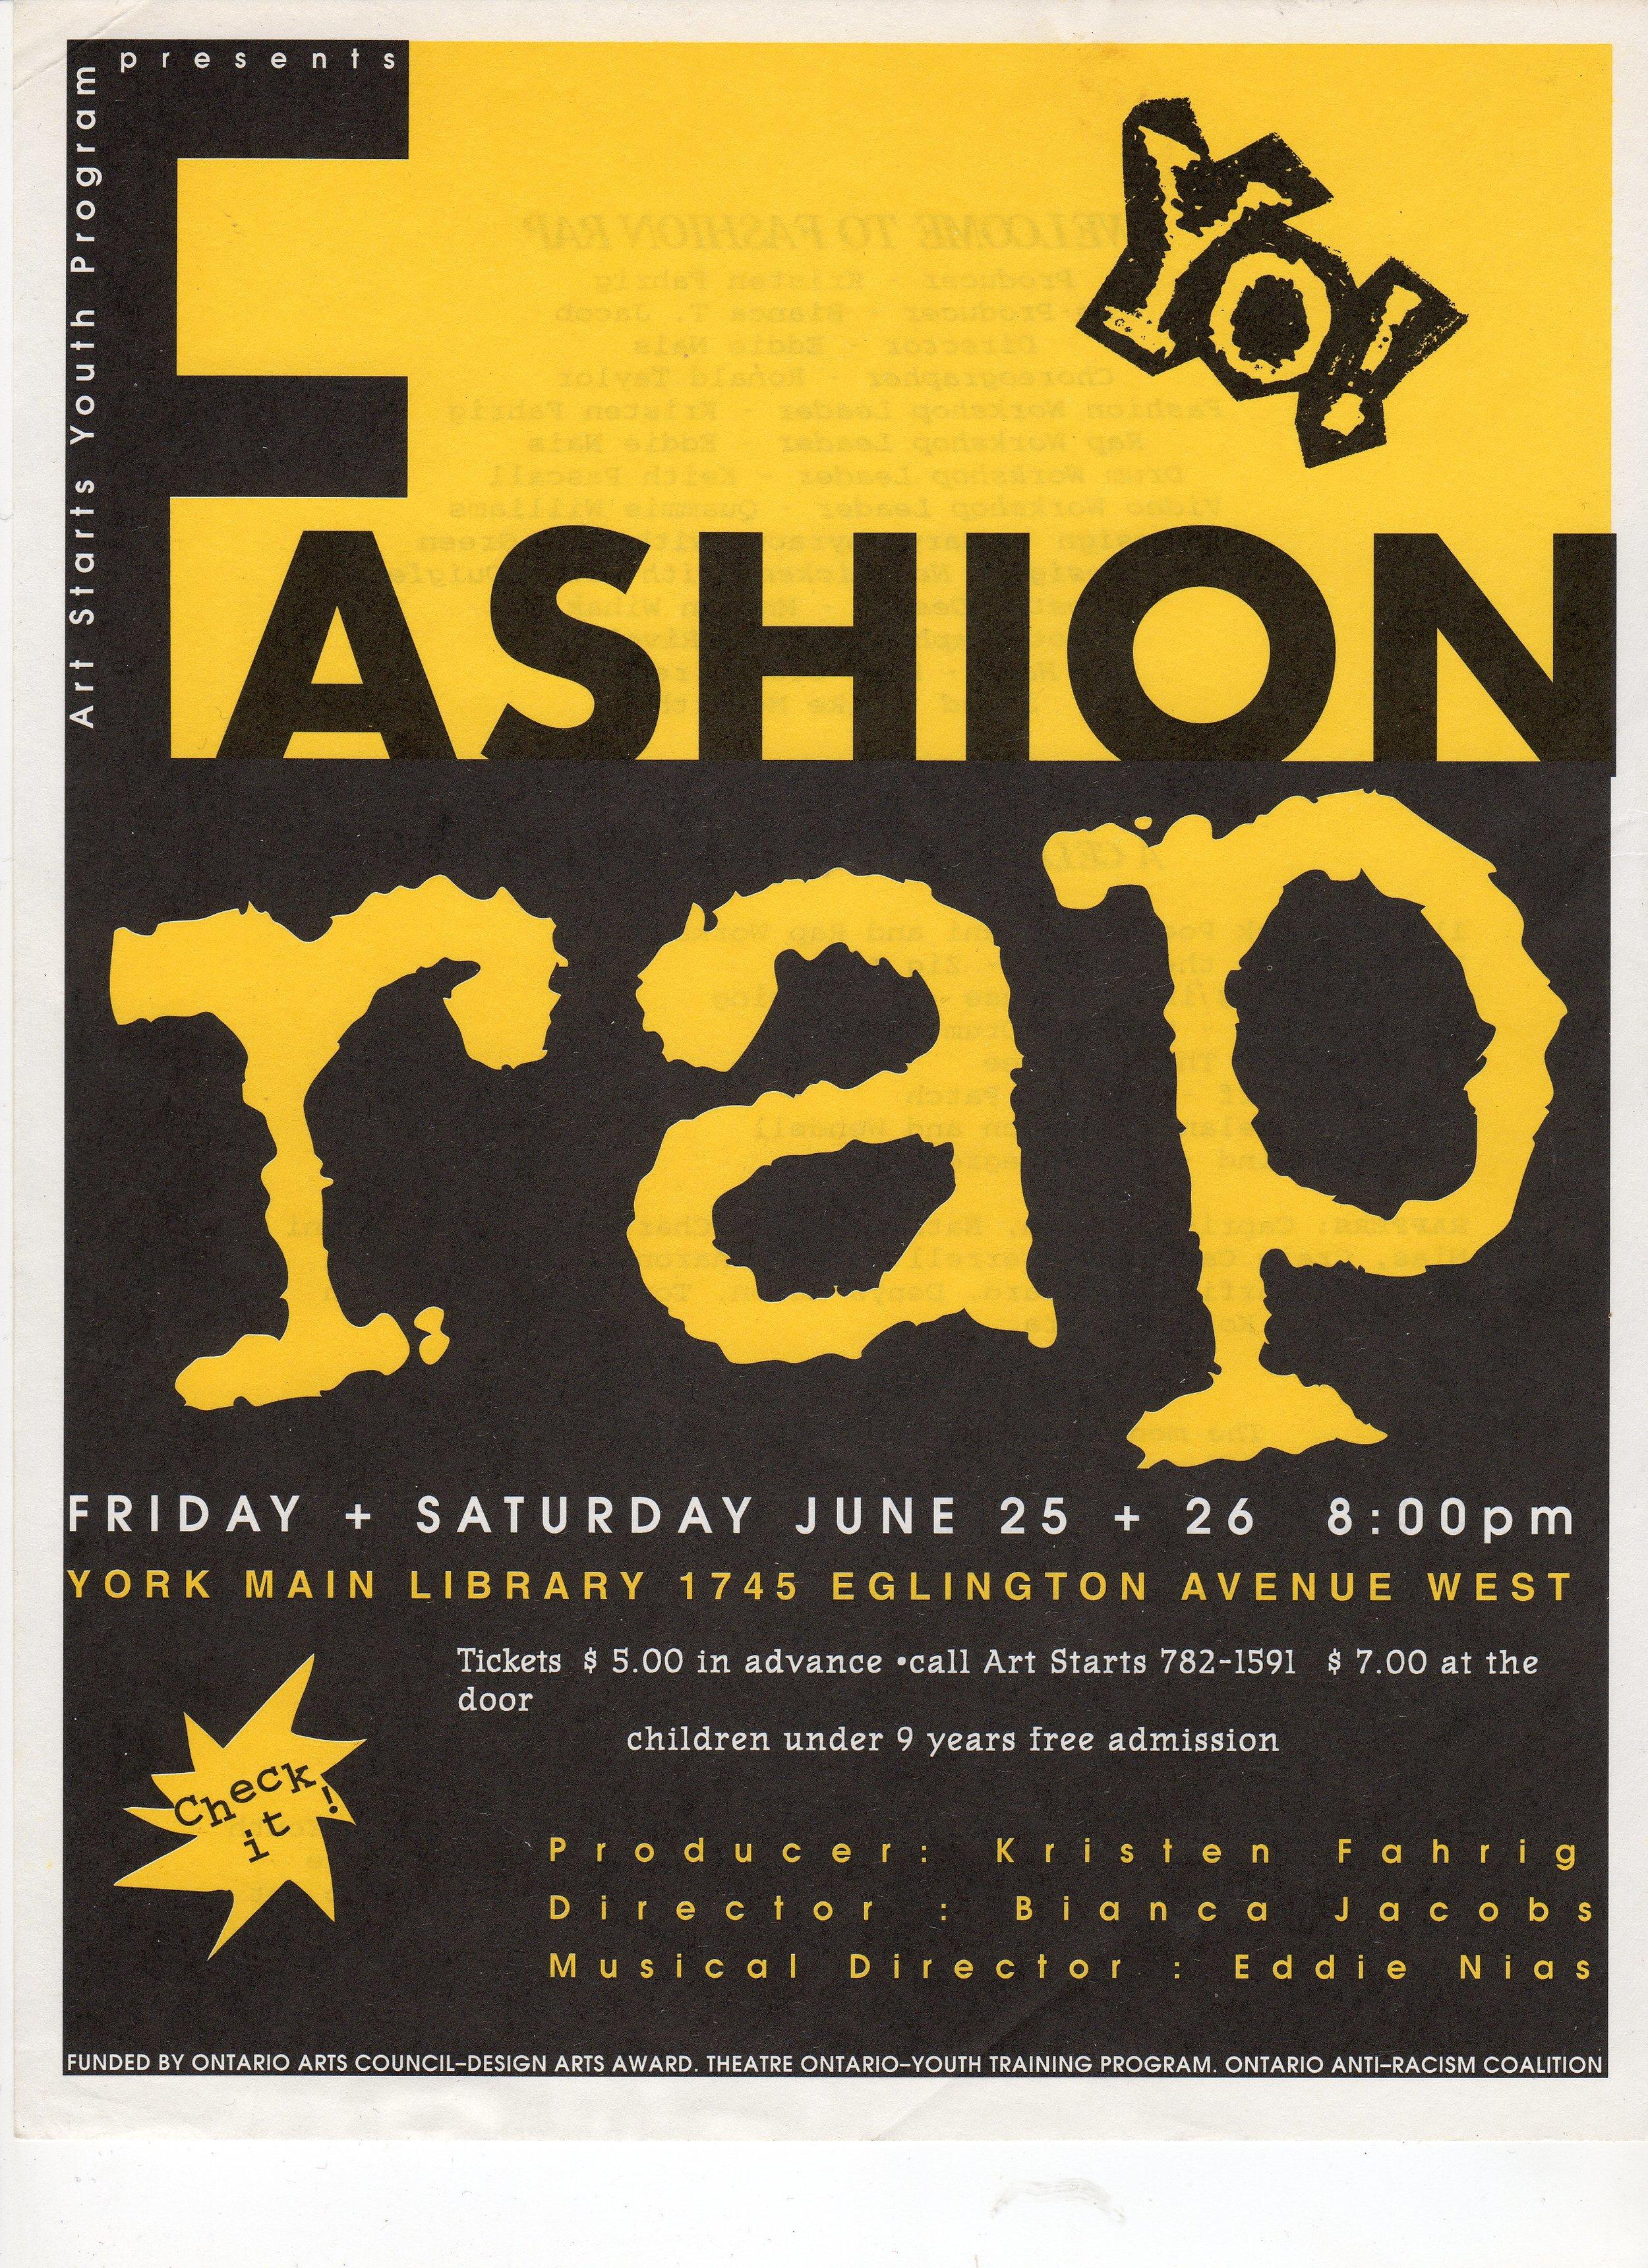 FashionRap_poster.jpg